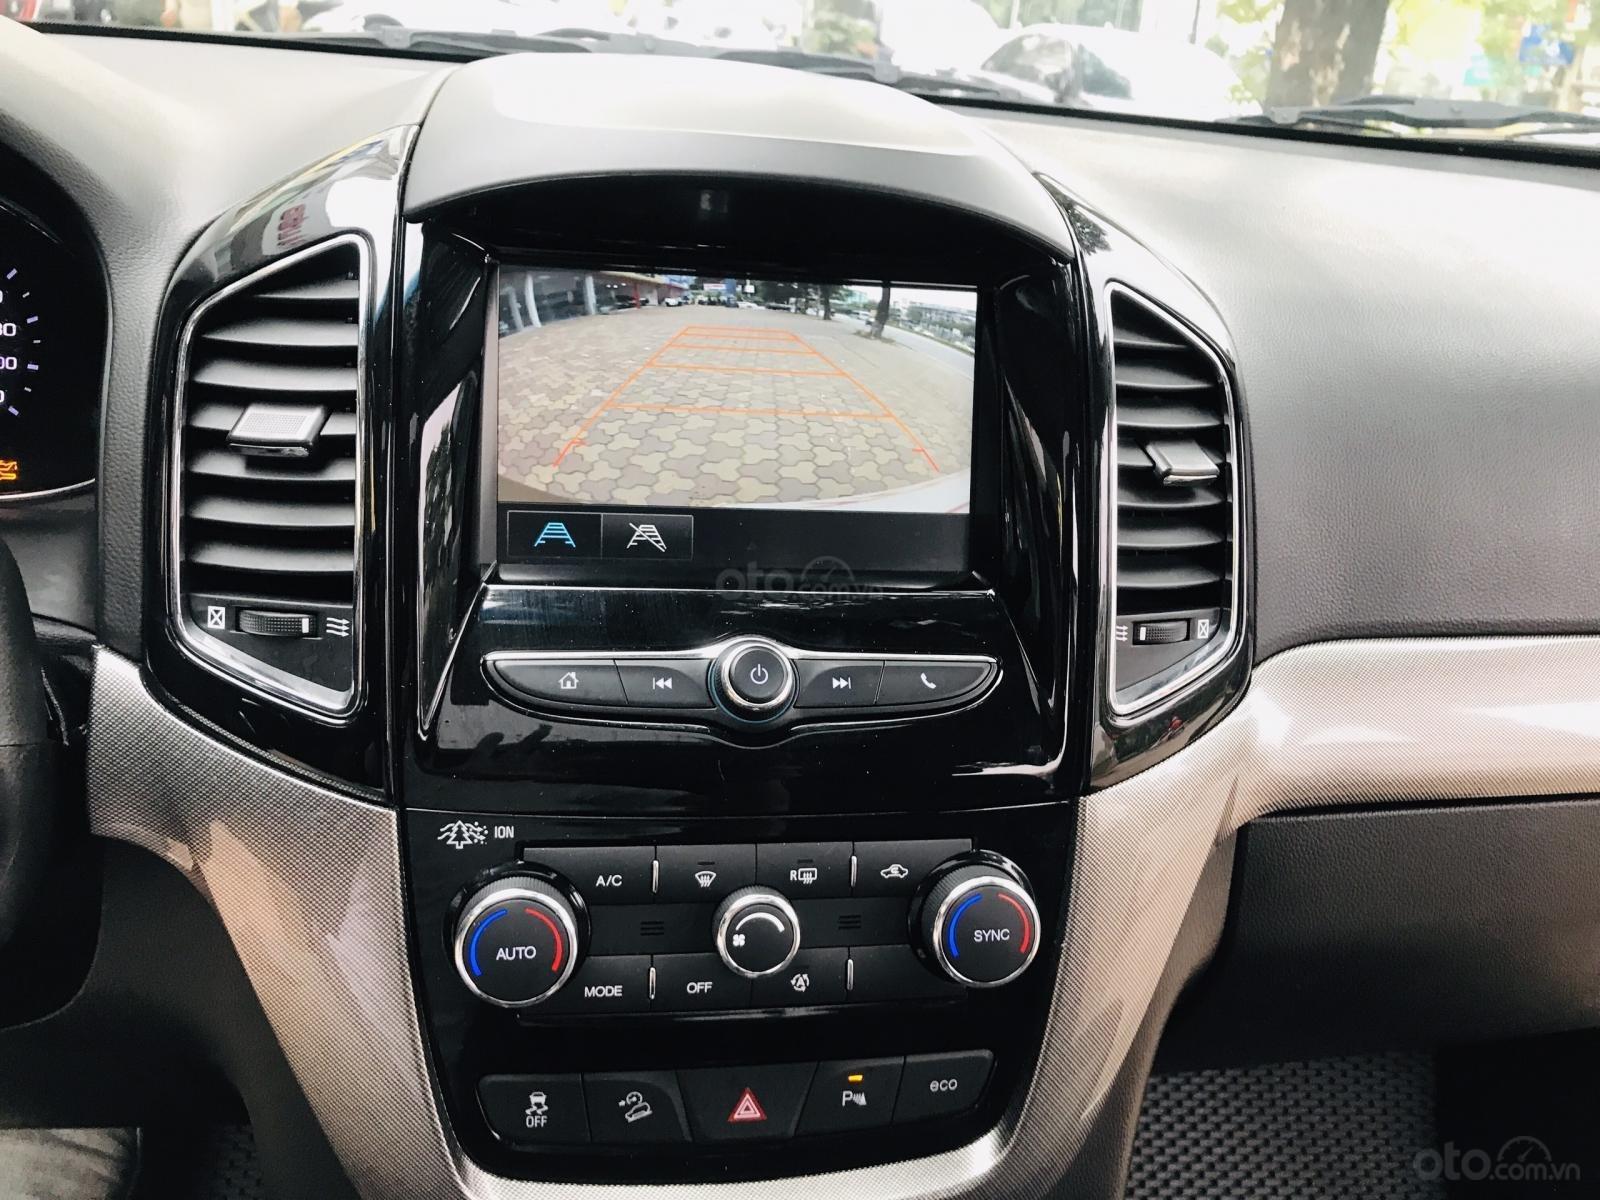 Cần bán Chevrolet Captiva LTZ sản xuất 2017, màu vàng, số tự động (20)